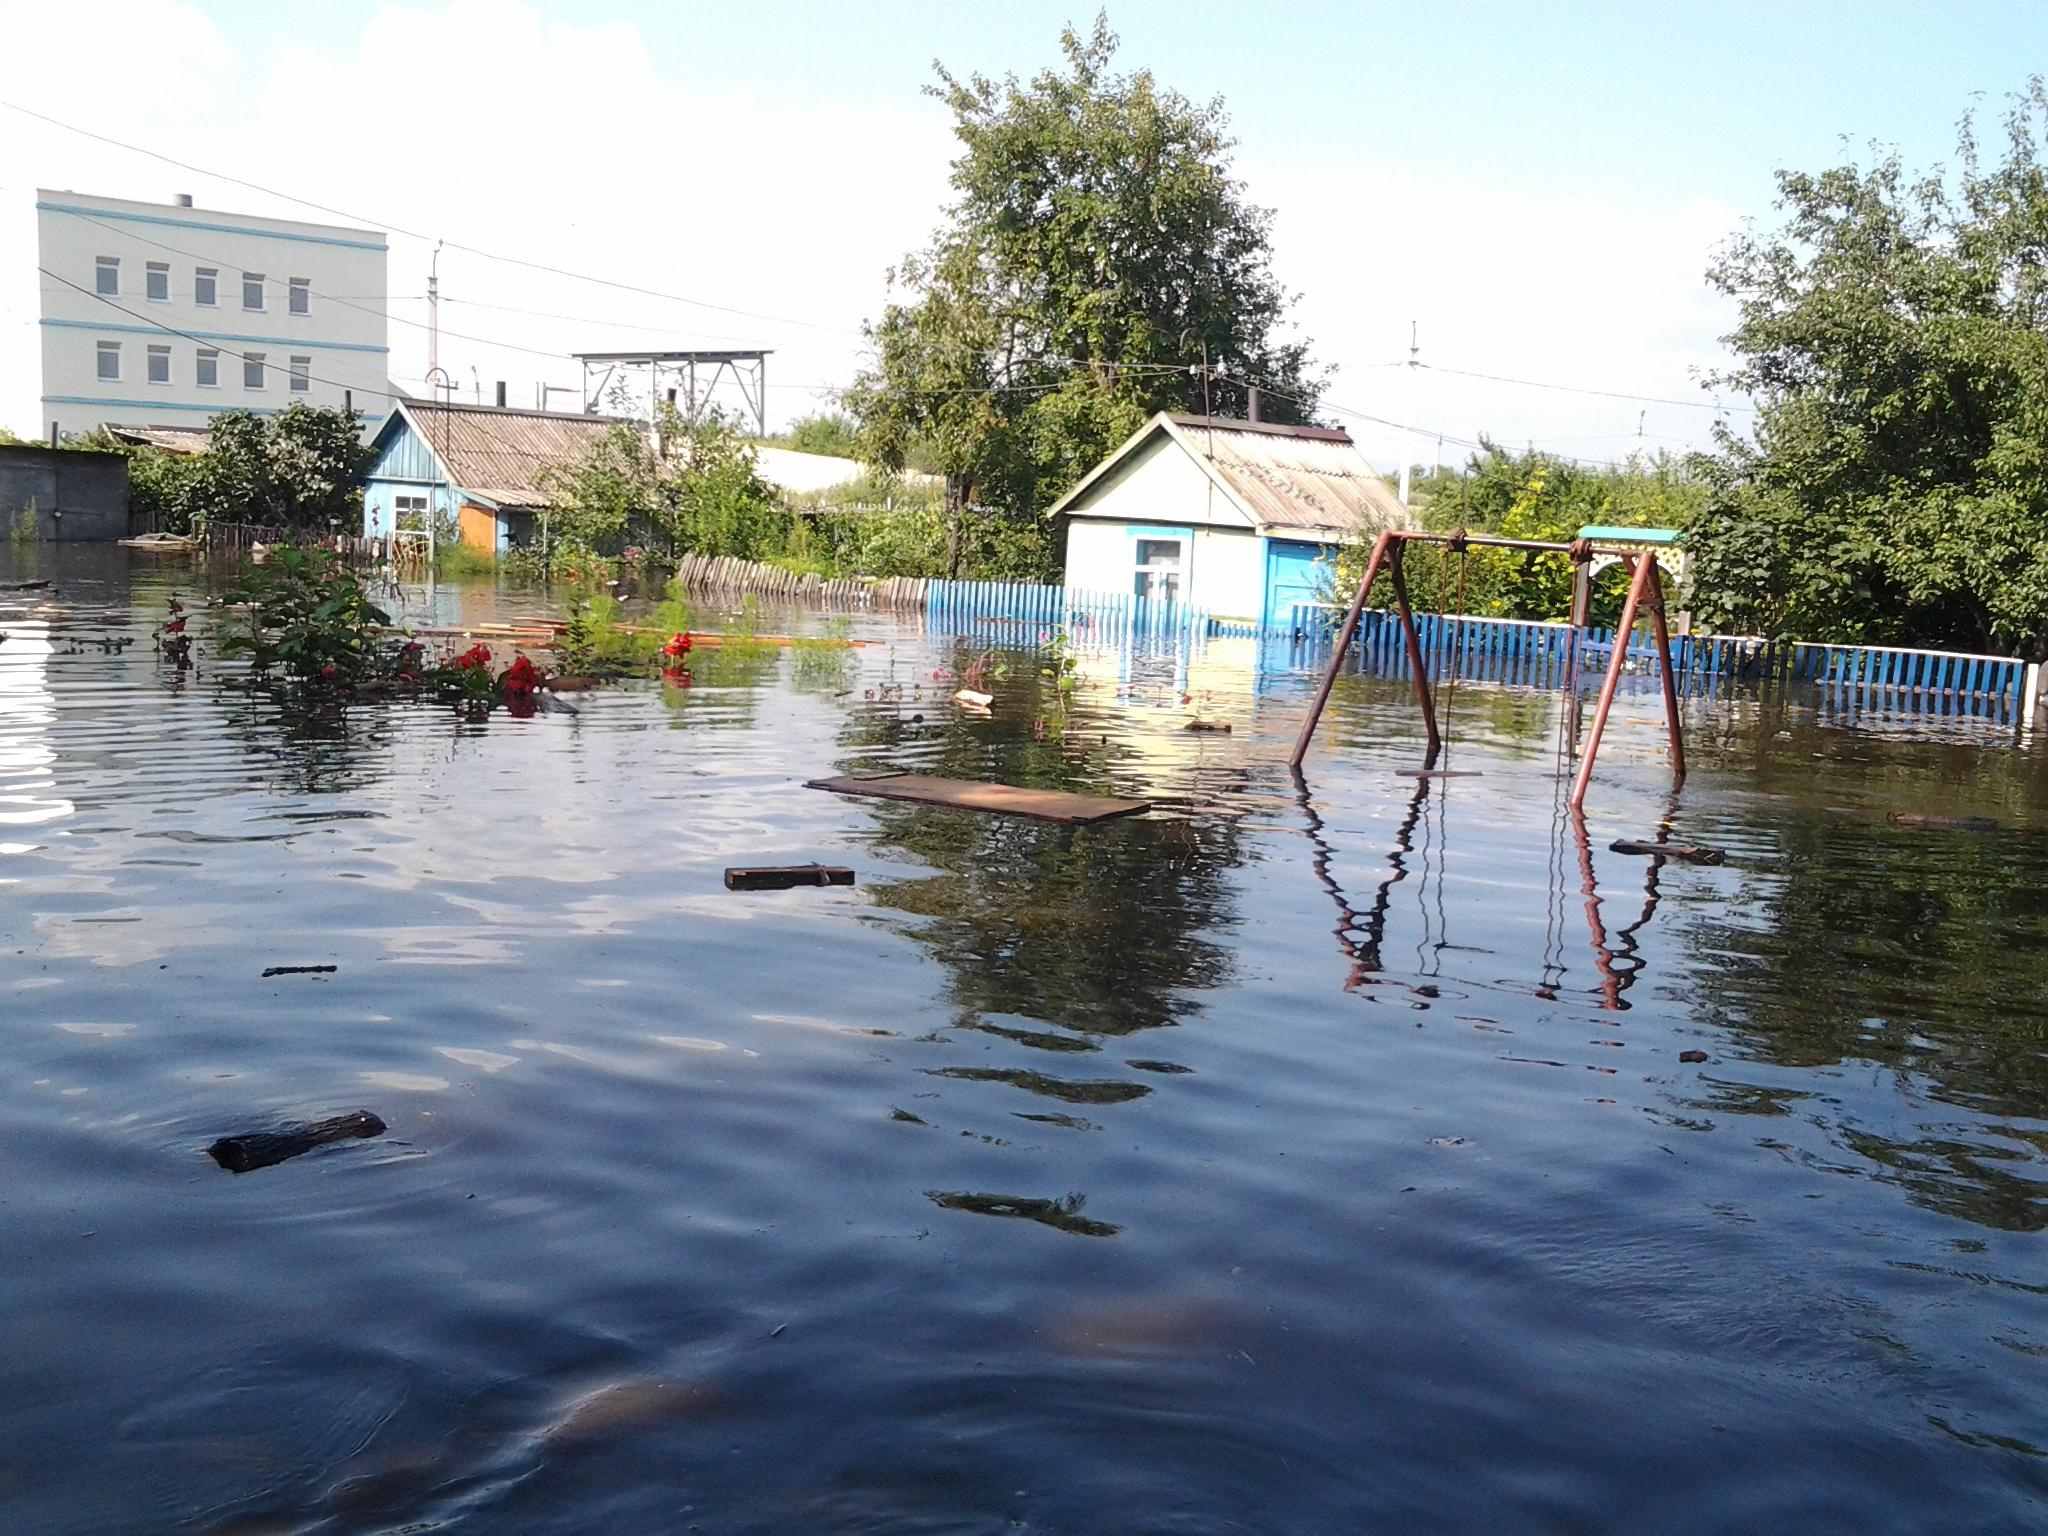 Строительство в зонах, подверженных затоплению, будет запрещено